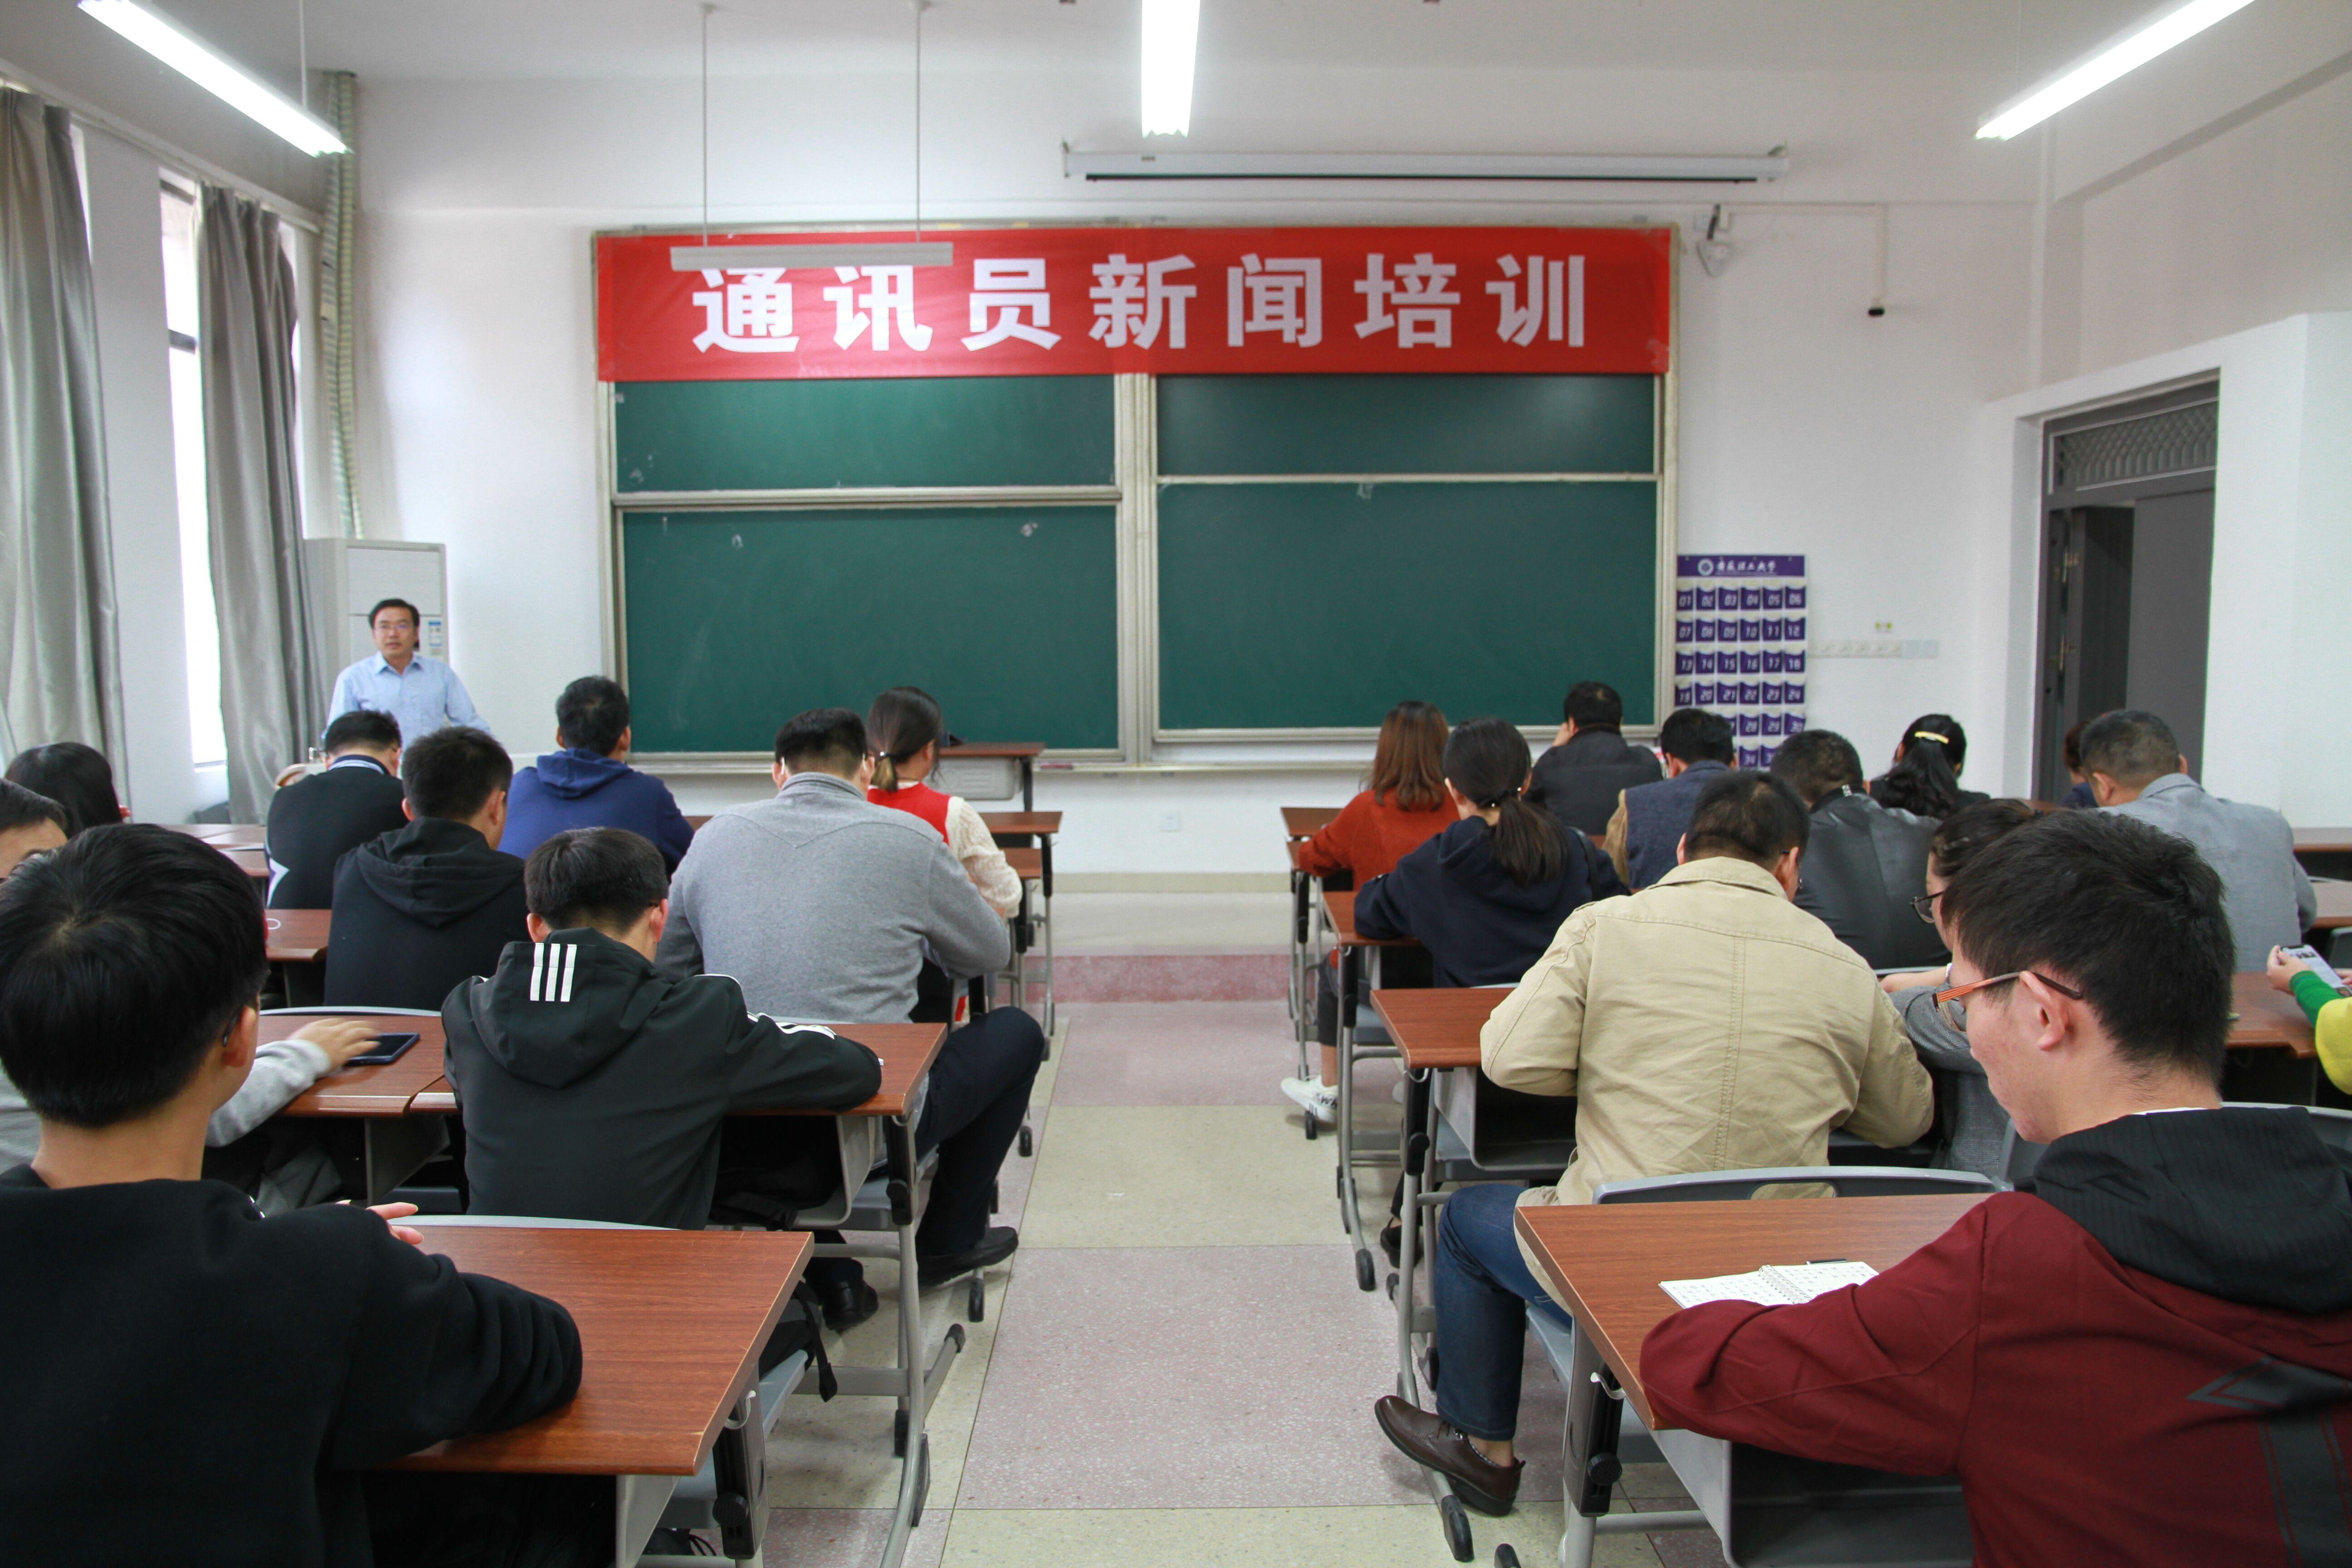 http://www.zgmaimai.cn/dianzitongxun/127296.html